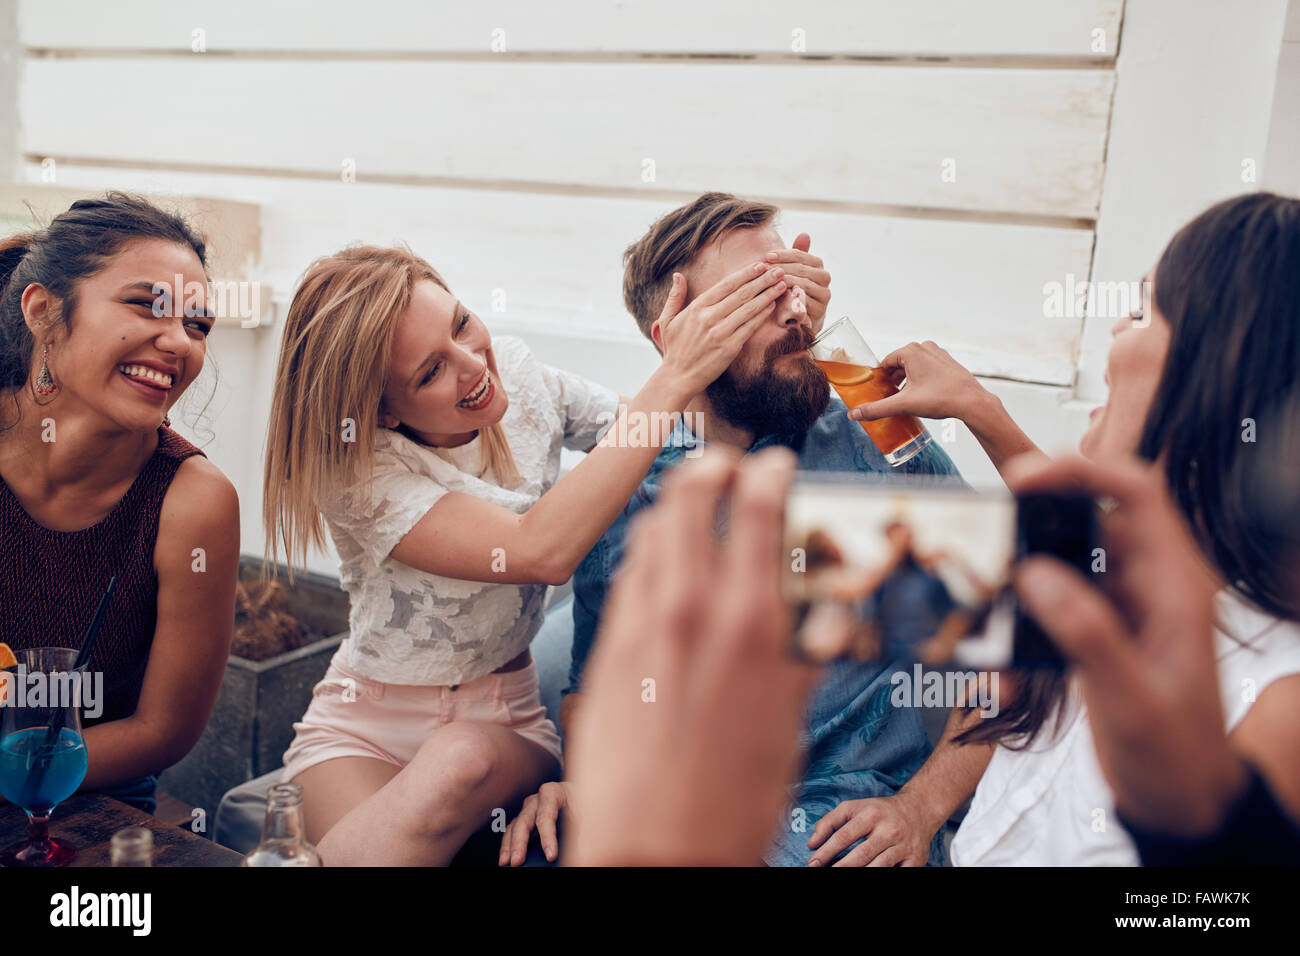 Junge Freunde, die Spaß an Party mit Handy fotografiert werden. Junge Menschen sitzen zusammen genießen Stockbild